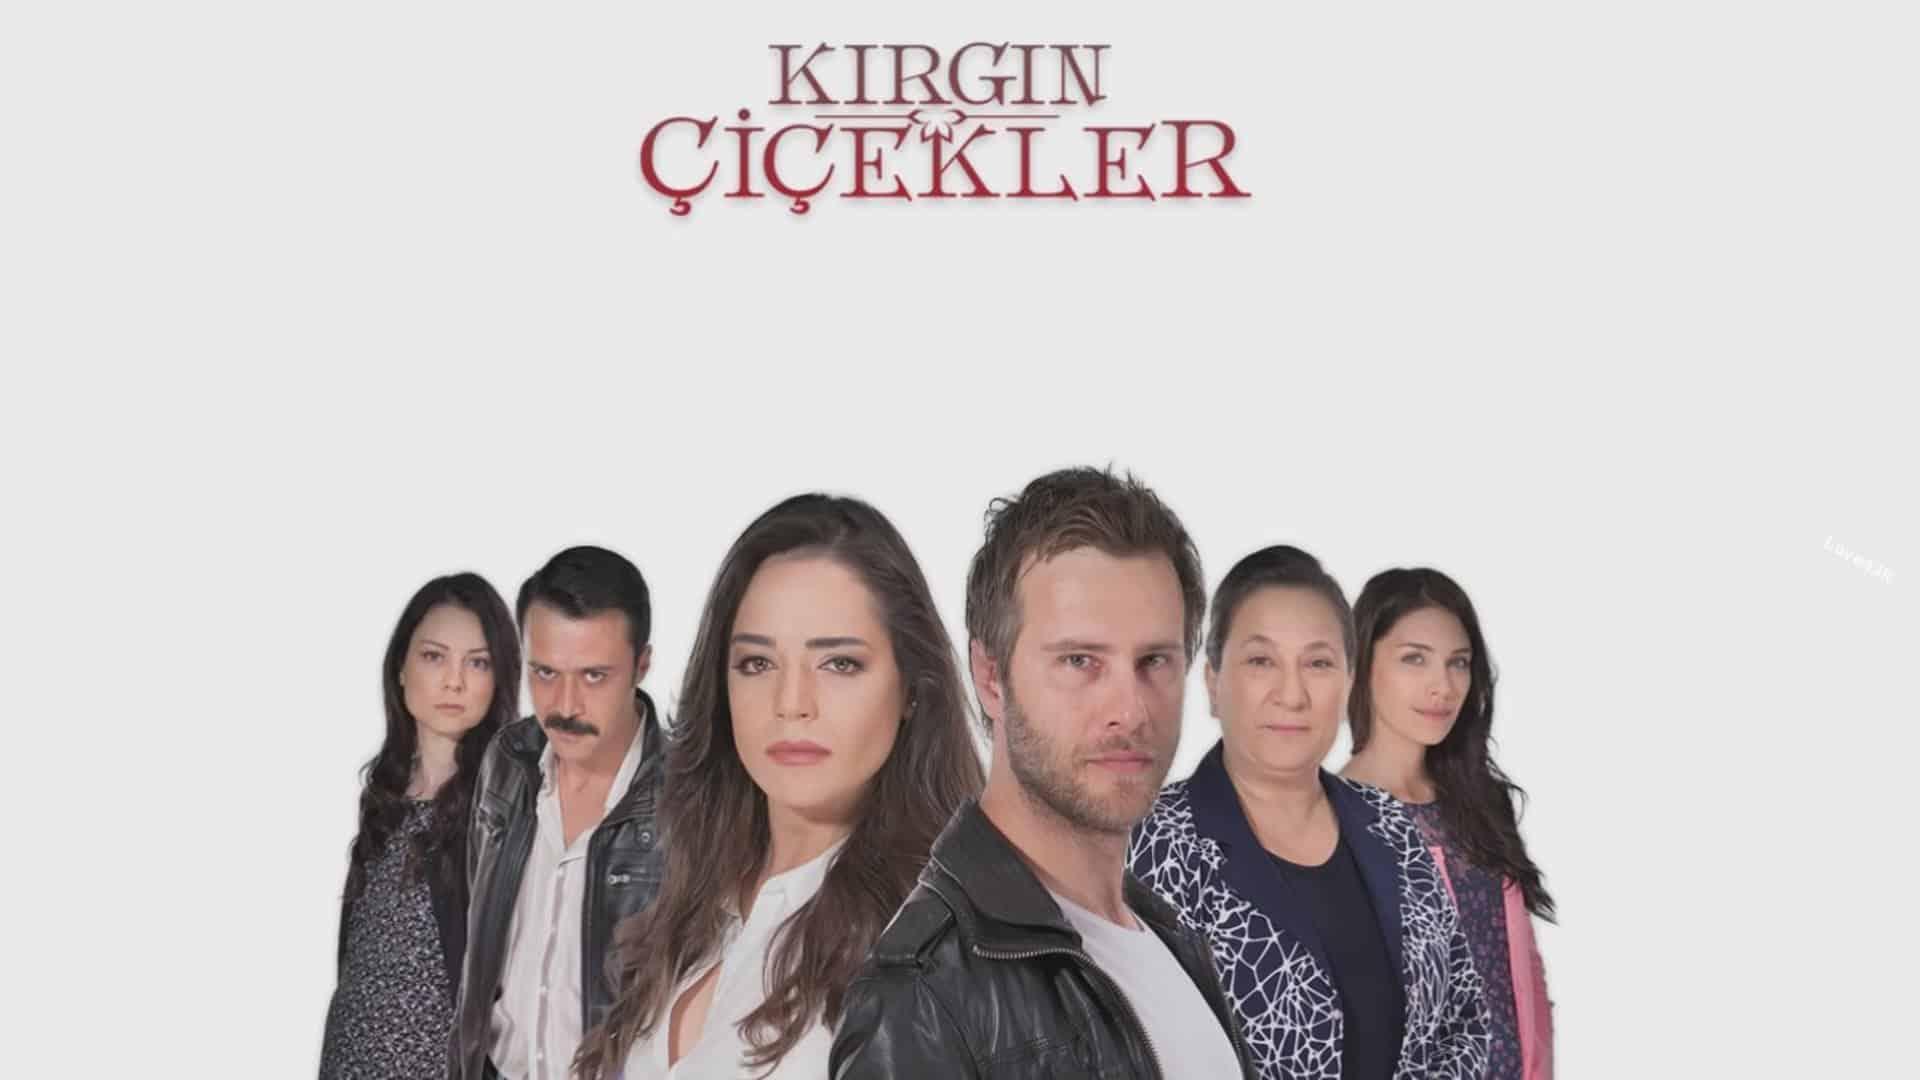 خلاصه قسمت آخر سریال ترکی غنچه های زخمی kirgin cicekler